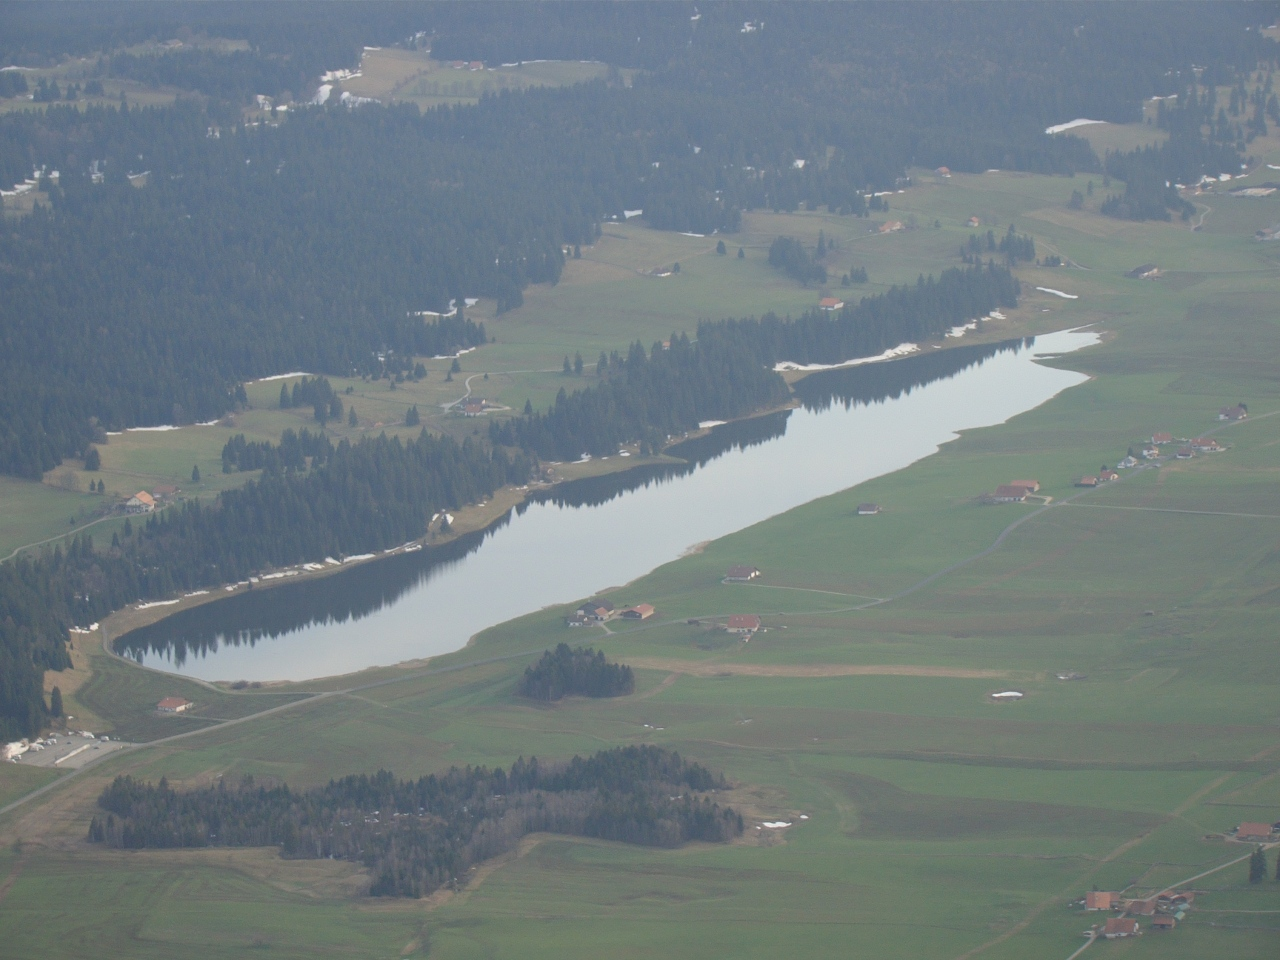 Lac-mirroir